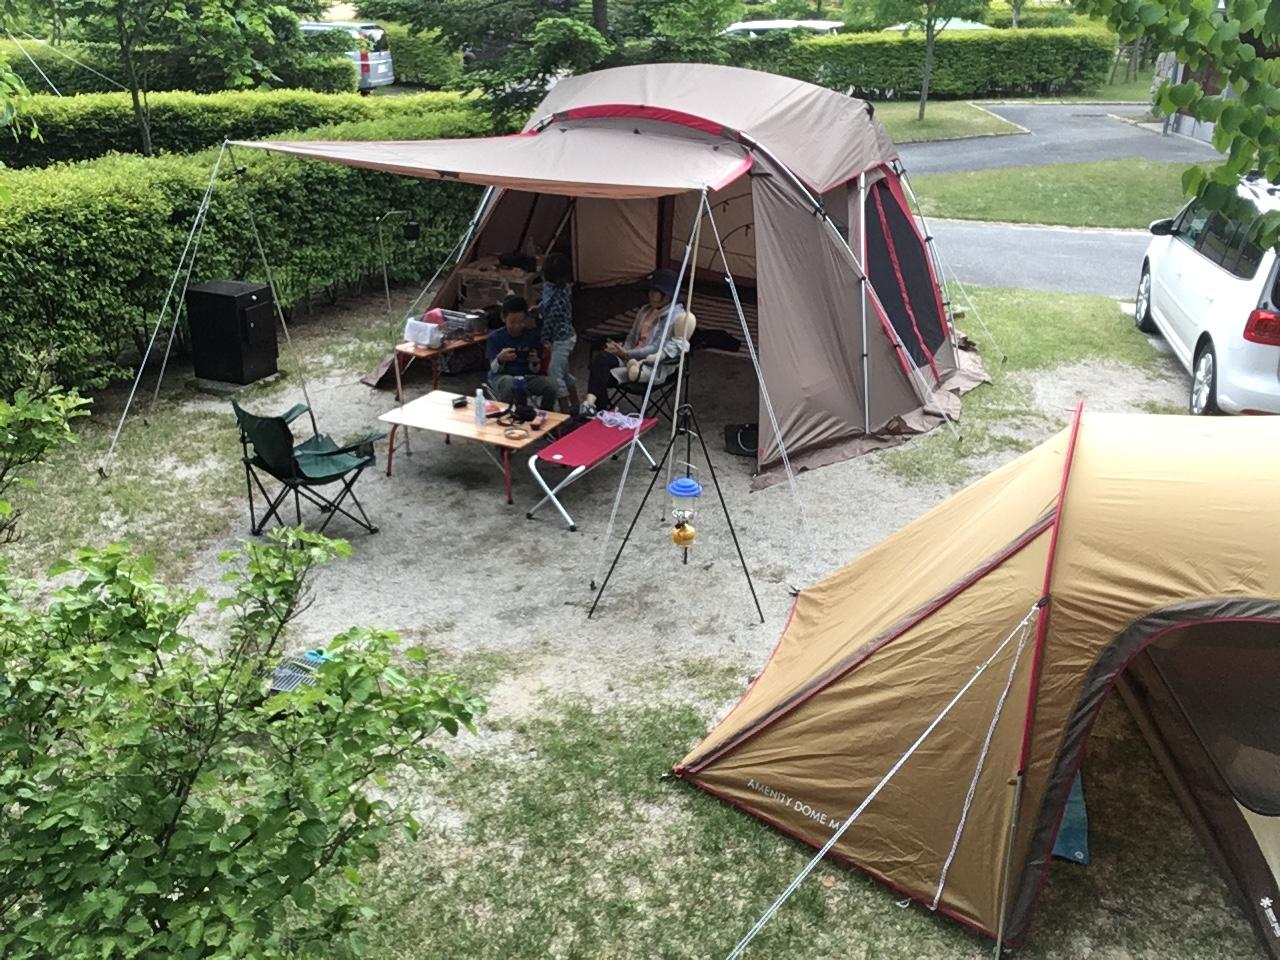 キャンプ 場 天気 オート 星 うる ぎ 森 の